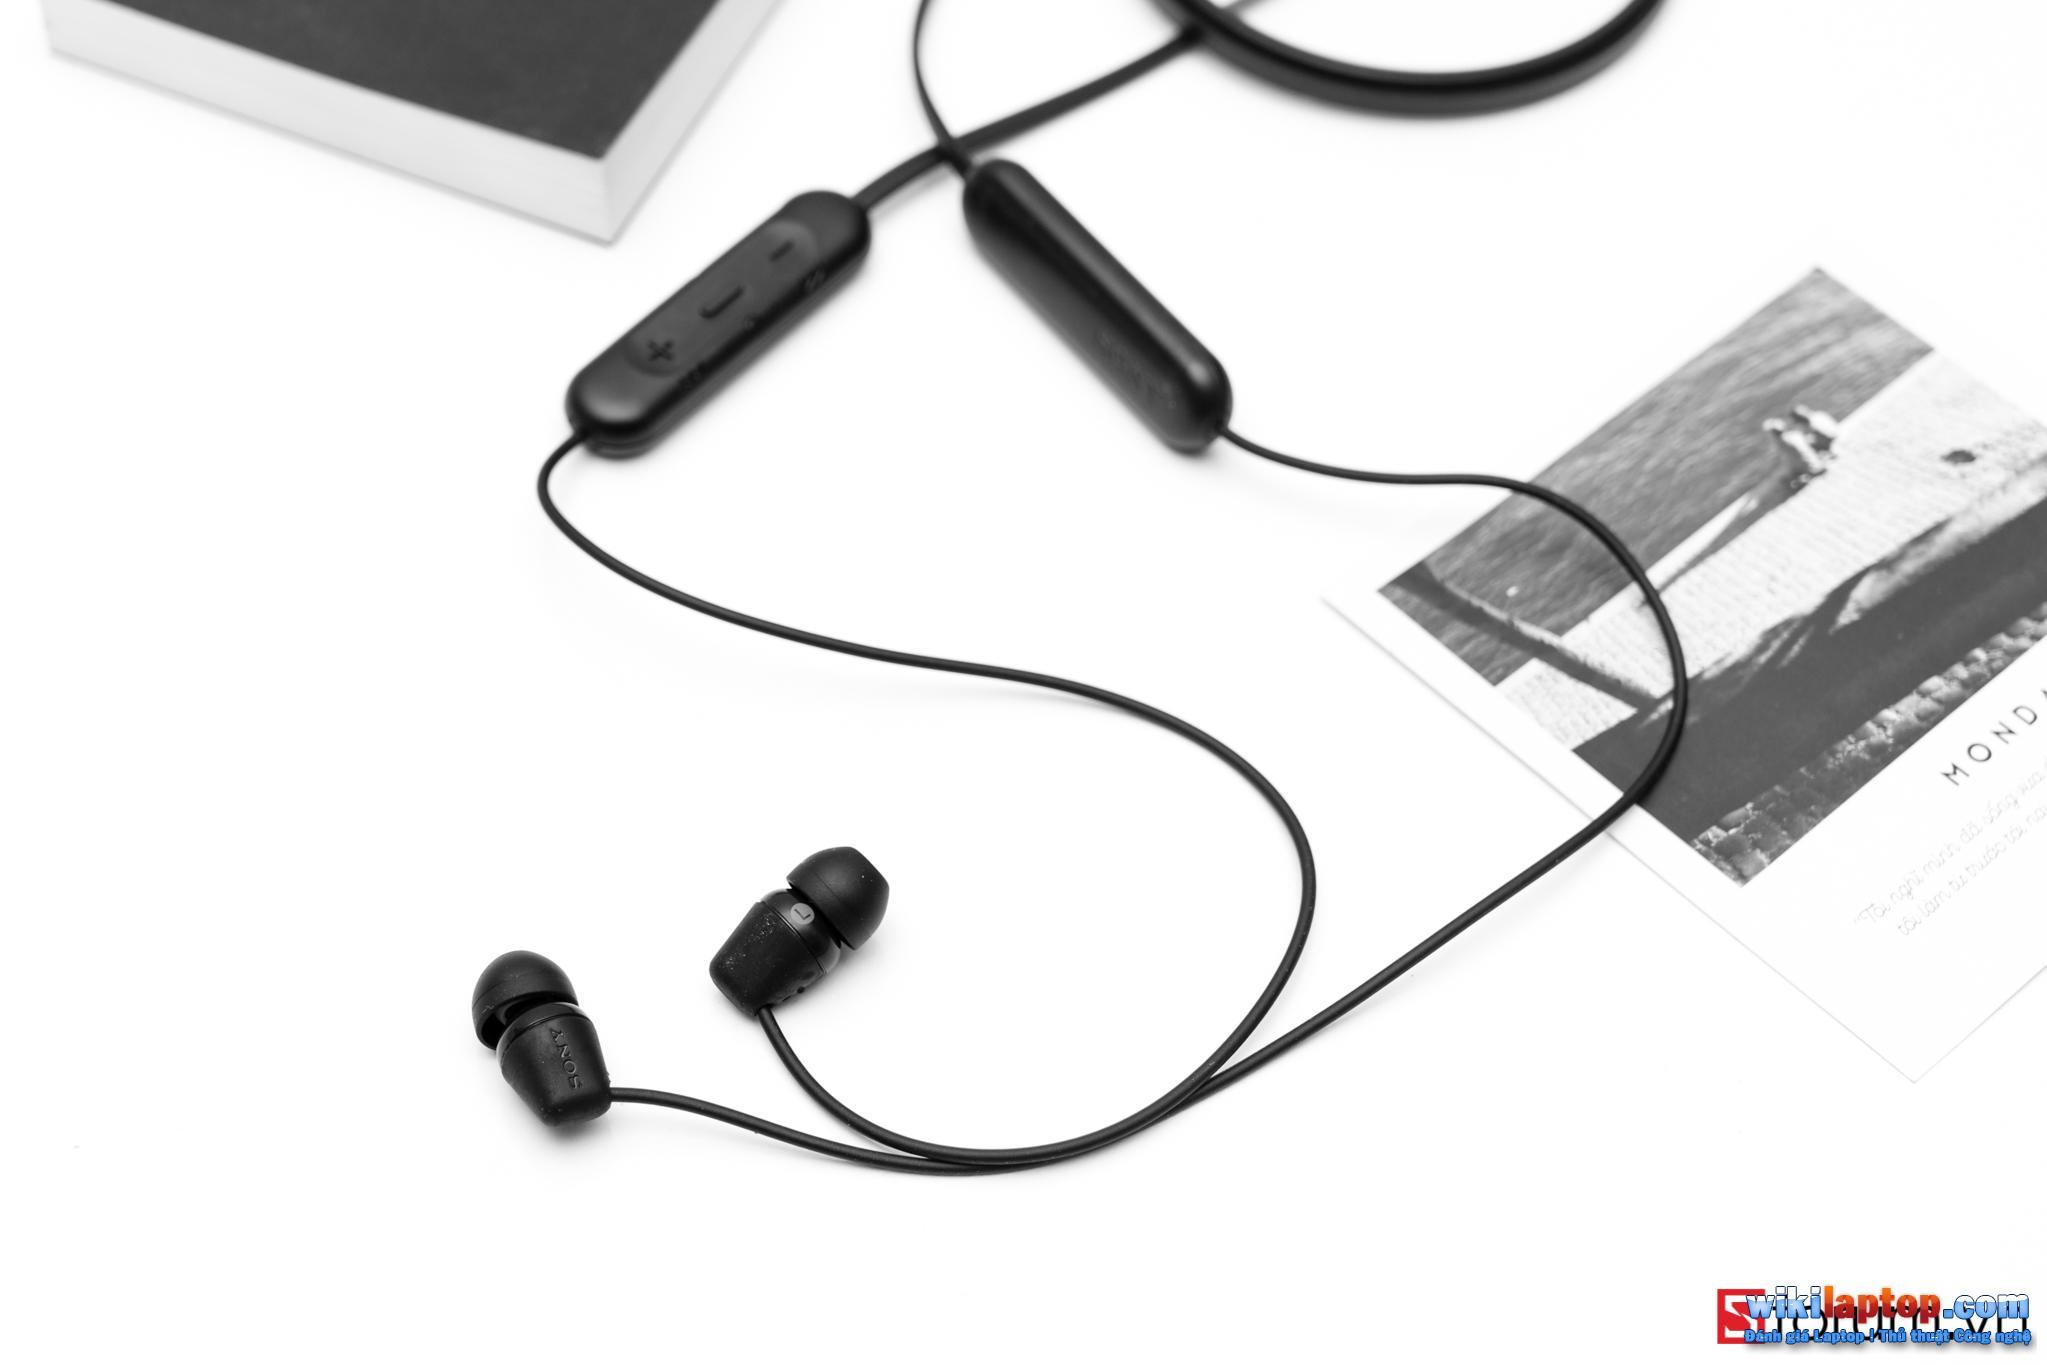 Sforum - Trang thông tin công nghệ mới nhất CPS-Sony-C200-16 Trải nghiệm SONY WI-C200: Tai nghe Bluetooth 5.0, hỗ trợ sạc nhanh, pin 12 giờ và chỉ 990.000 đồng